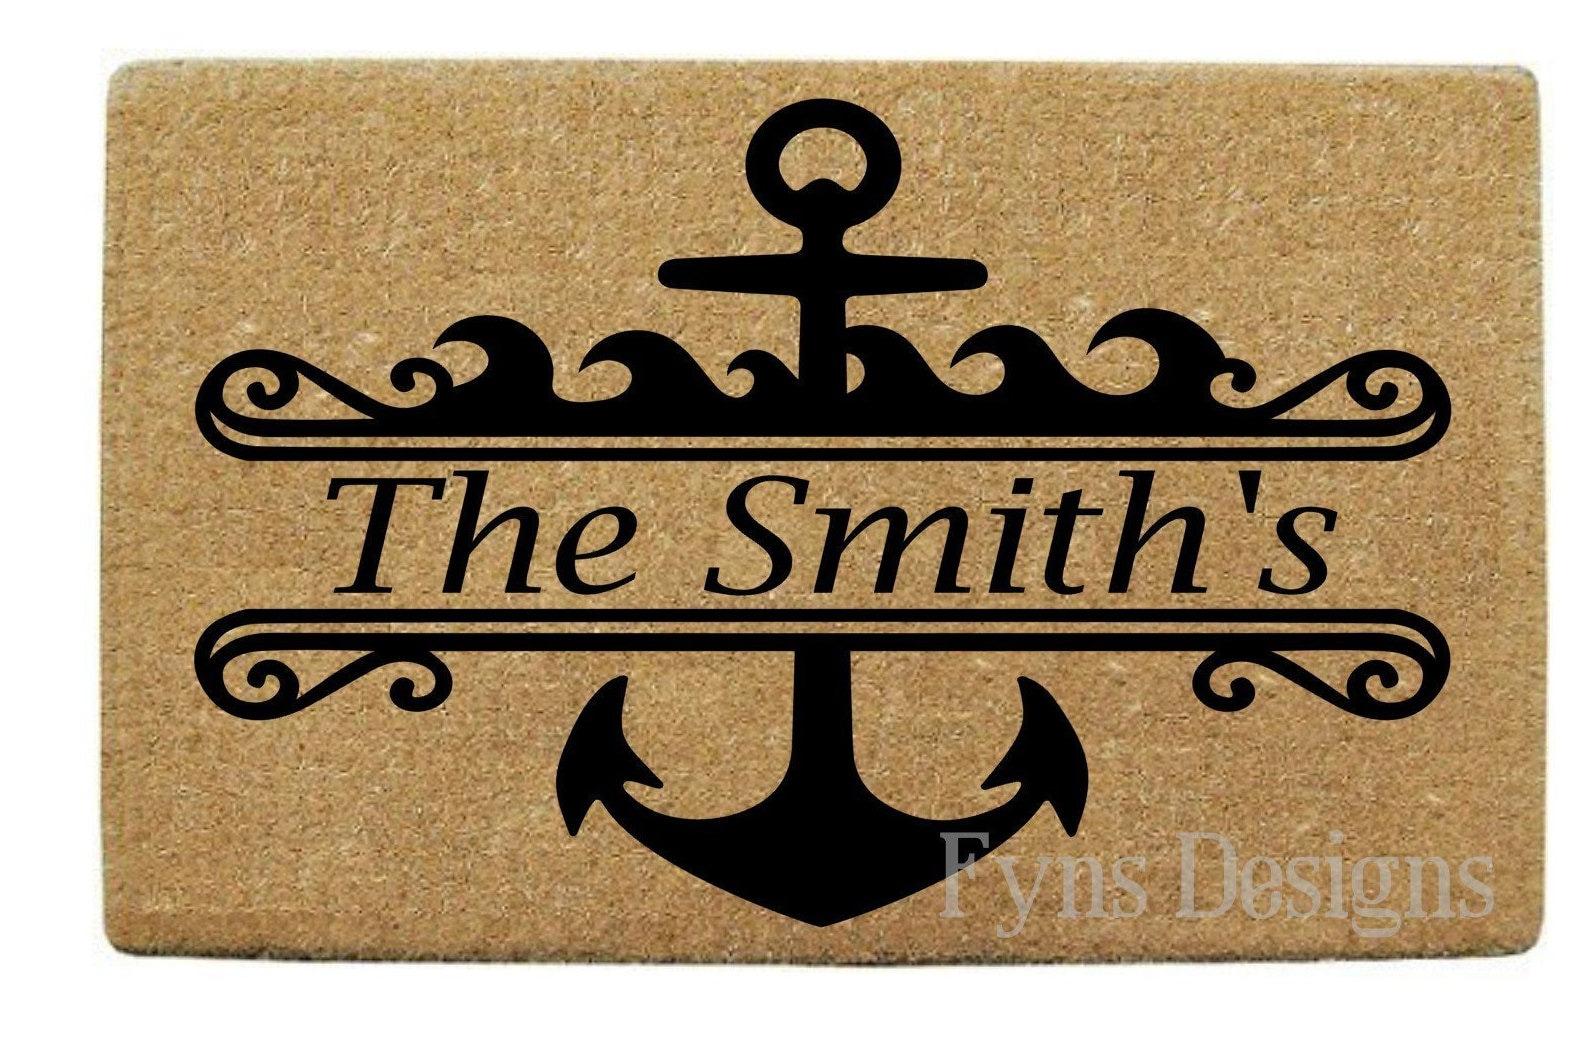 Custom Welcome Mat Nautical Door Mat Custom Doormat Outdoor Rugs Welcome Mat Monogrammed Door Mat Rugs Custom Welcome Mat Holiday Gift